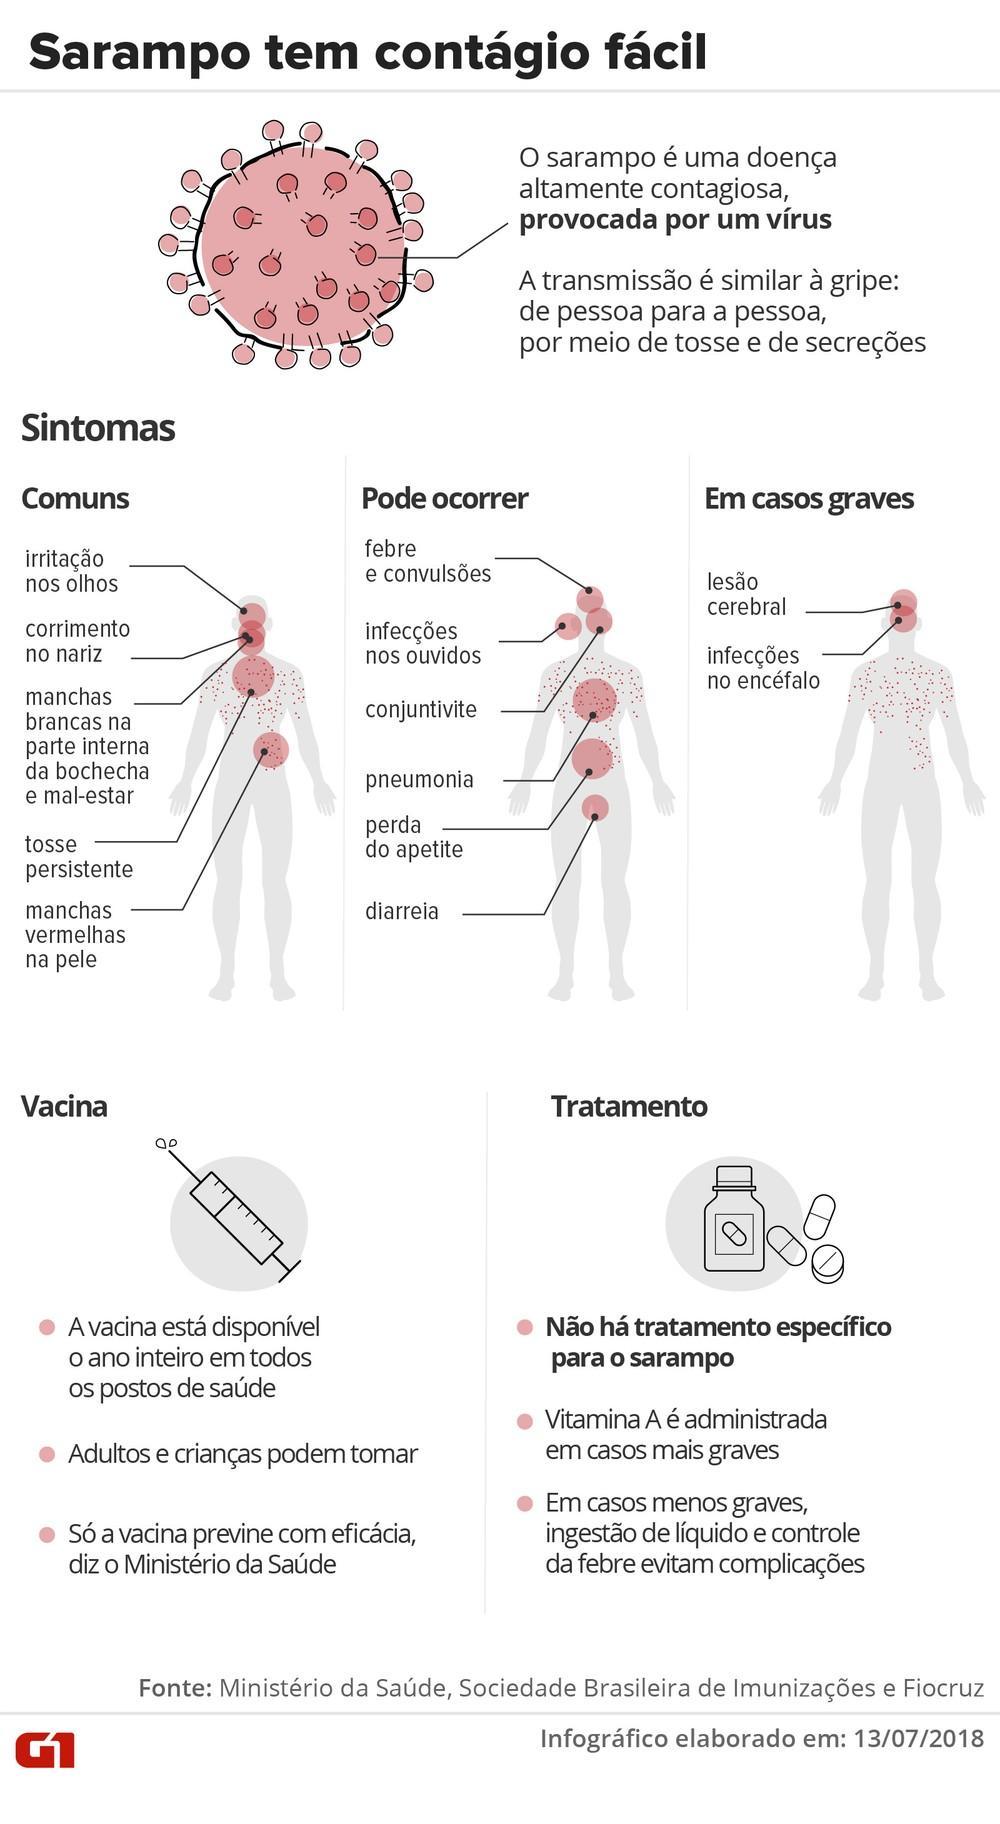 Ministério confirma 677 casos de sarampo em seis estados do Brasil